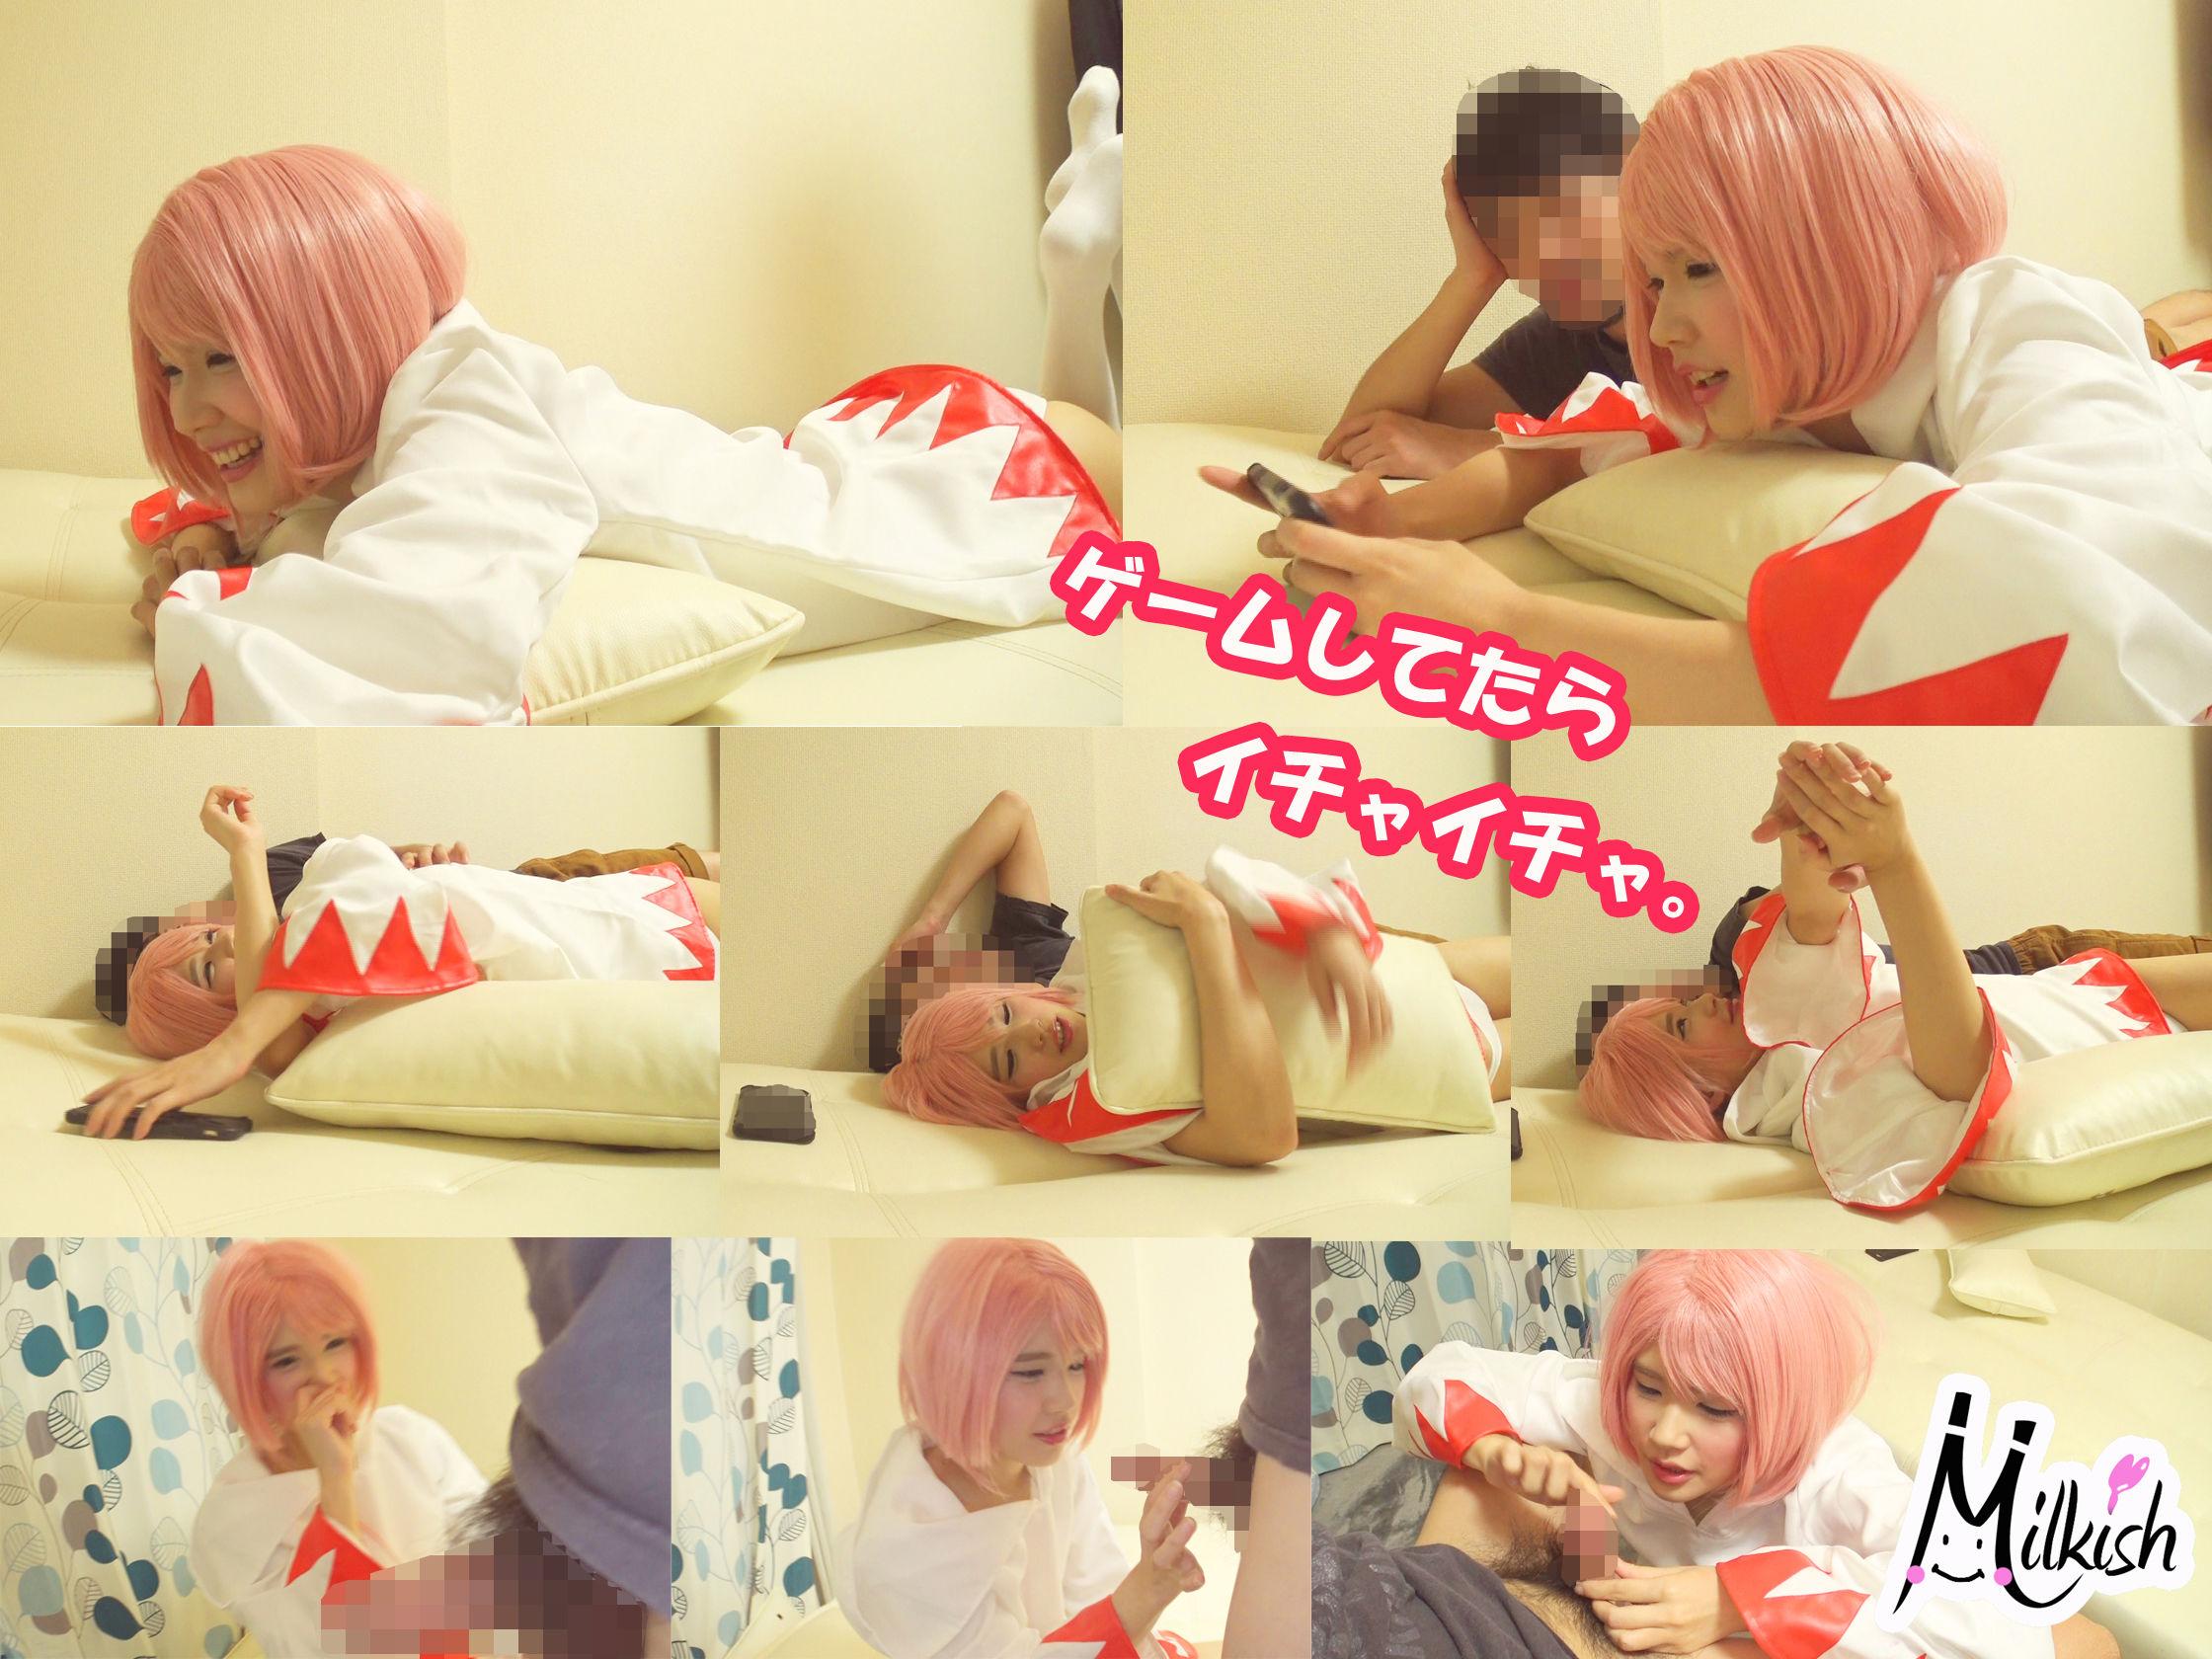 関西弁のマジ可愛いレイヤーことねちゃんと自宅でラブラブフェラチオ